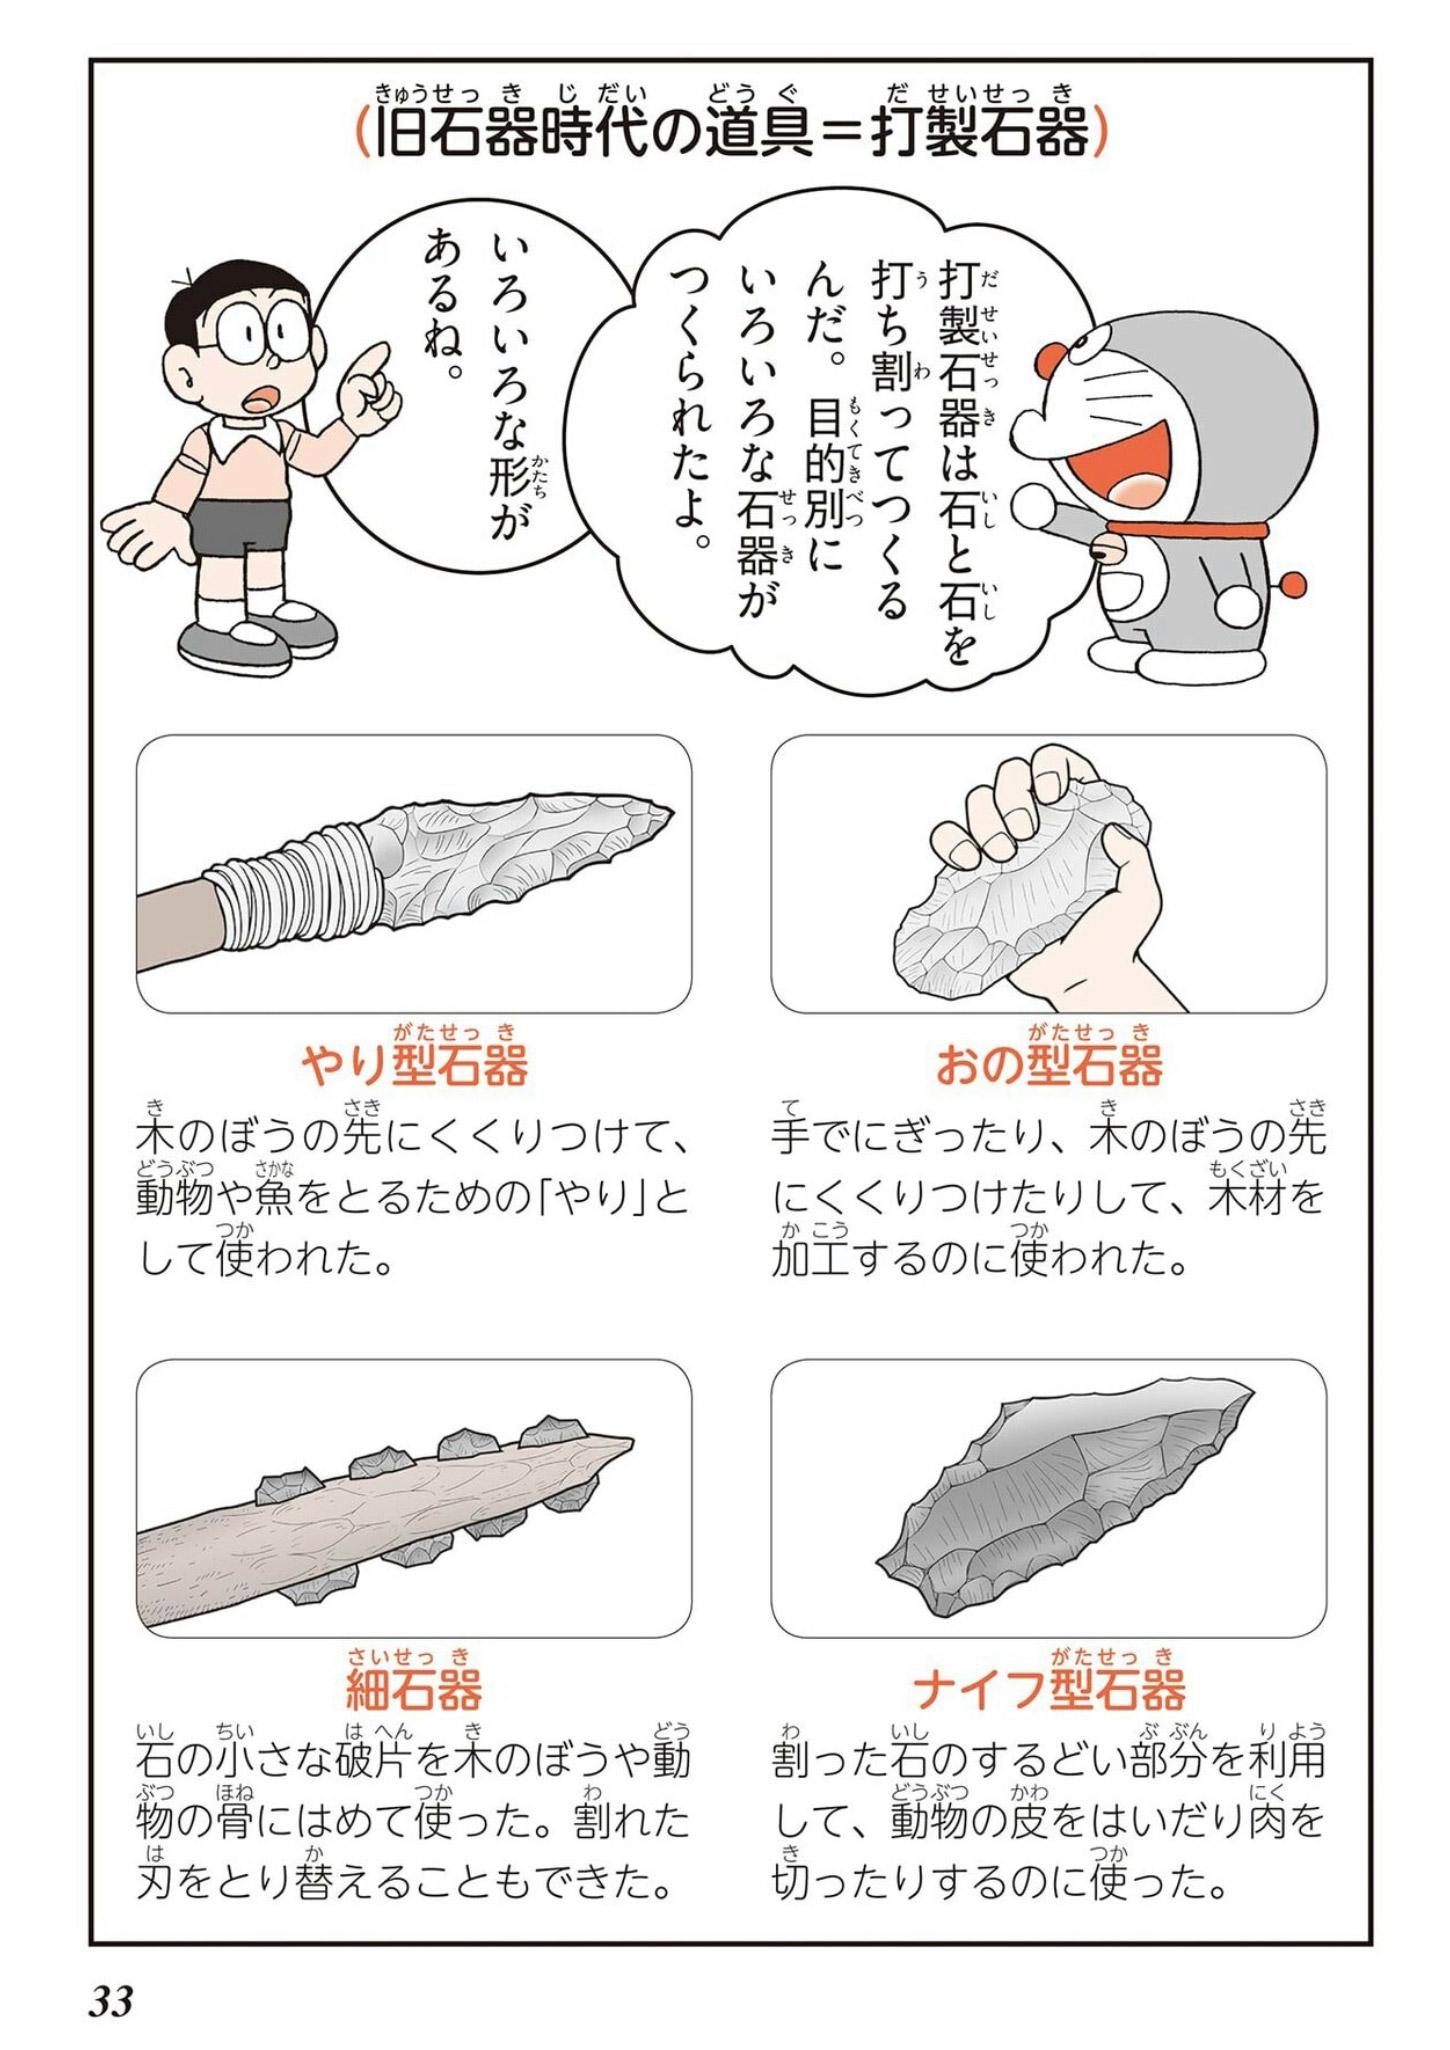 도라에몽 일본사 샘플2